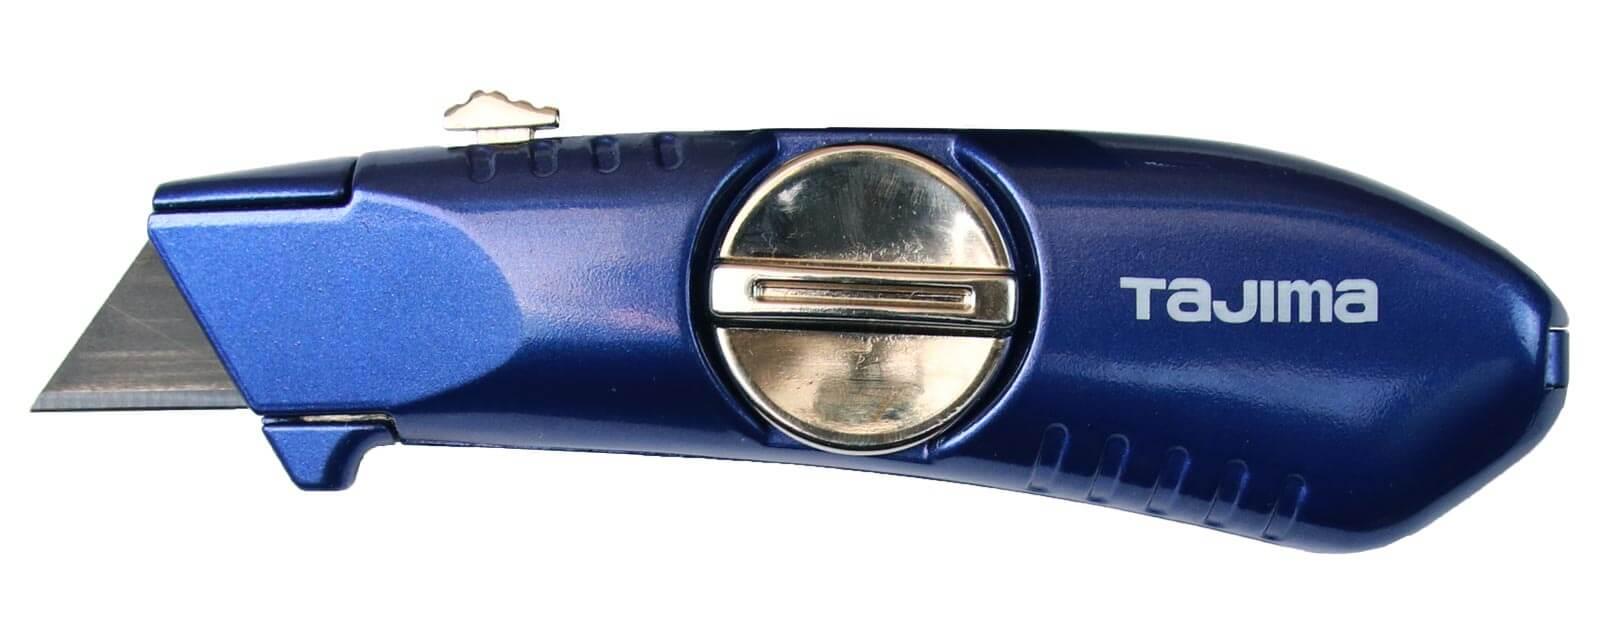 U18-Cuttermesser-manuell-Premium-vollmetall-CURT-tools